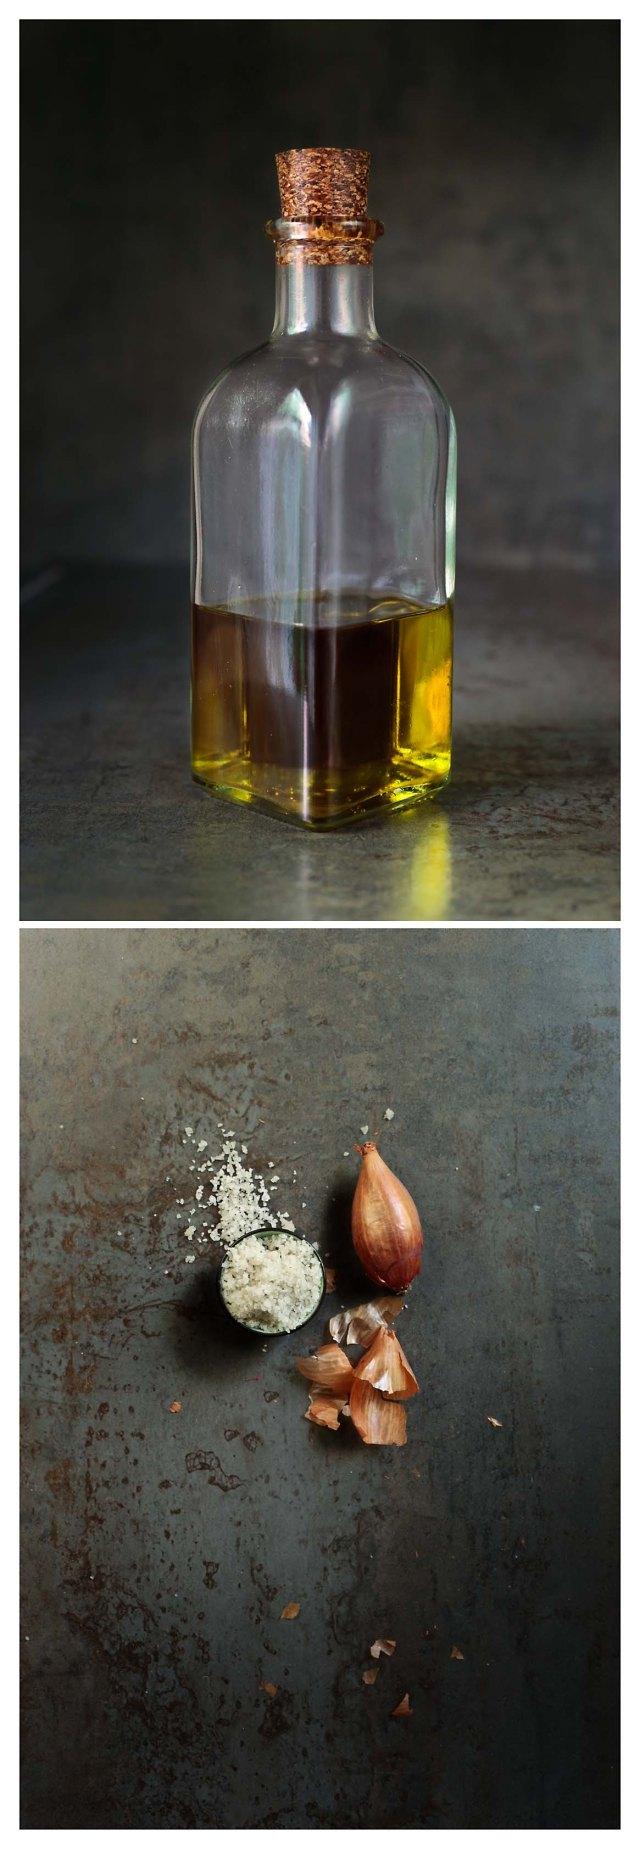 aceite, chalotas y sal